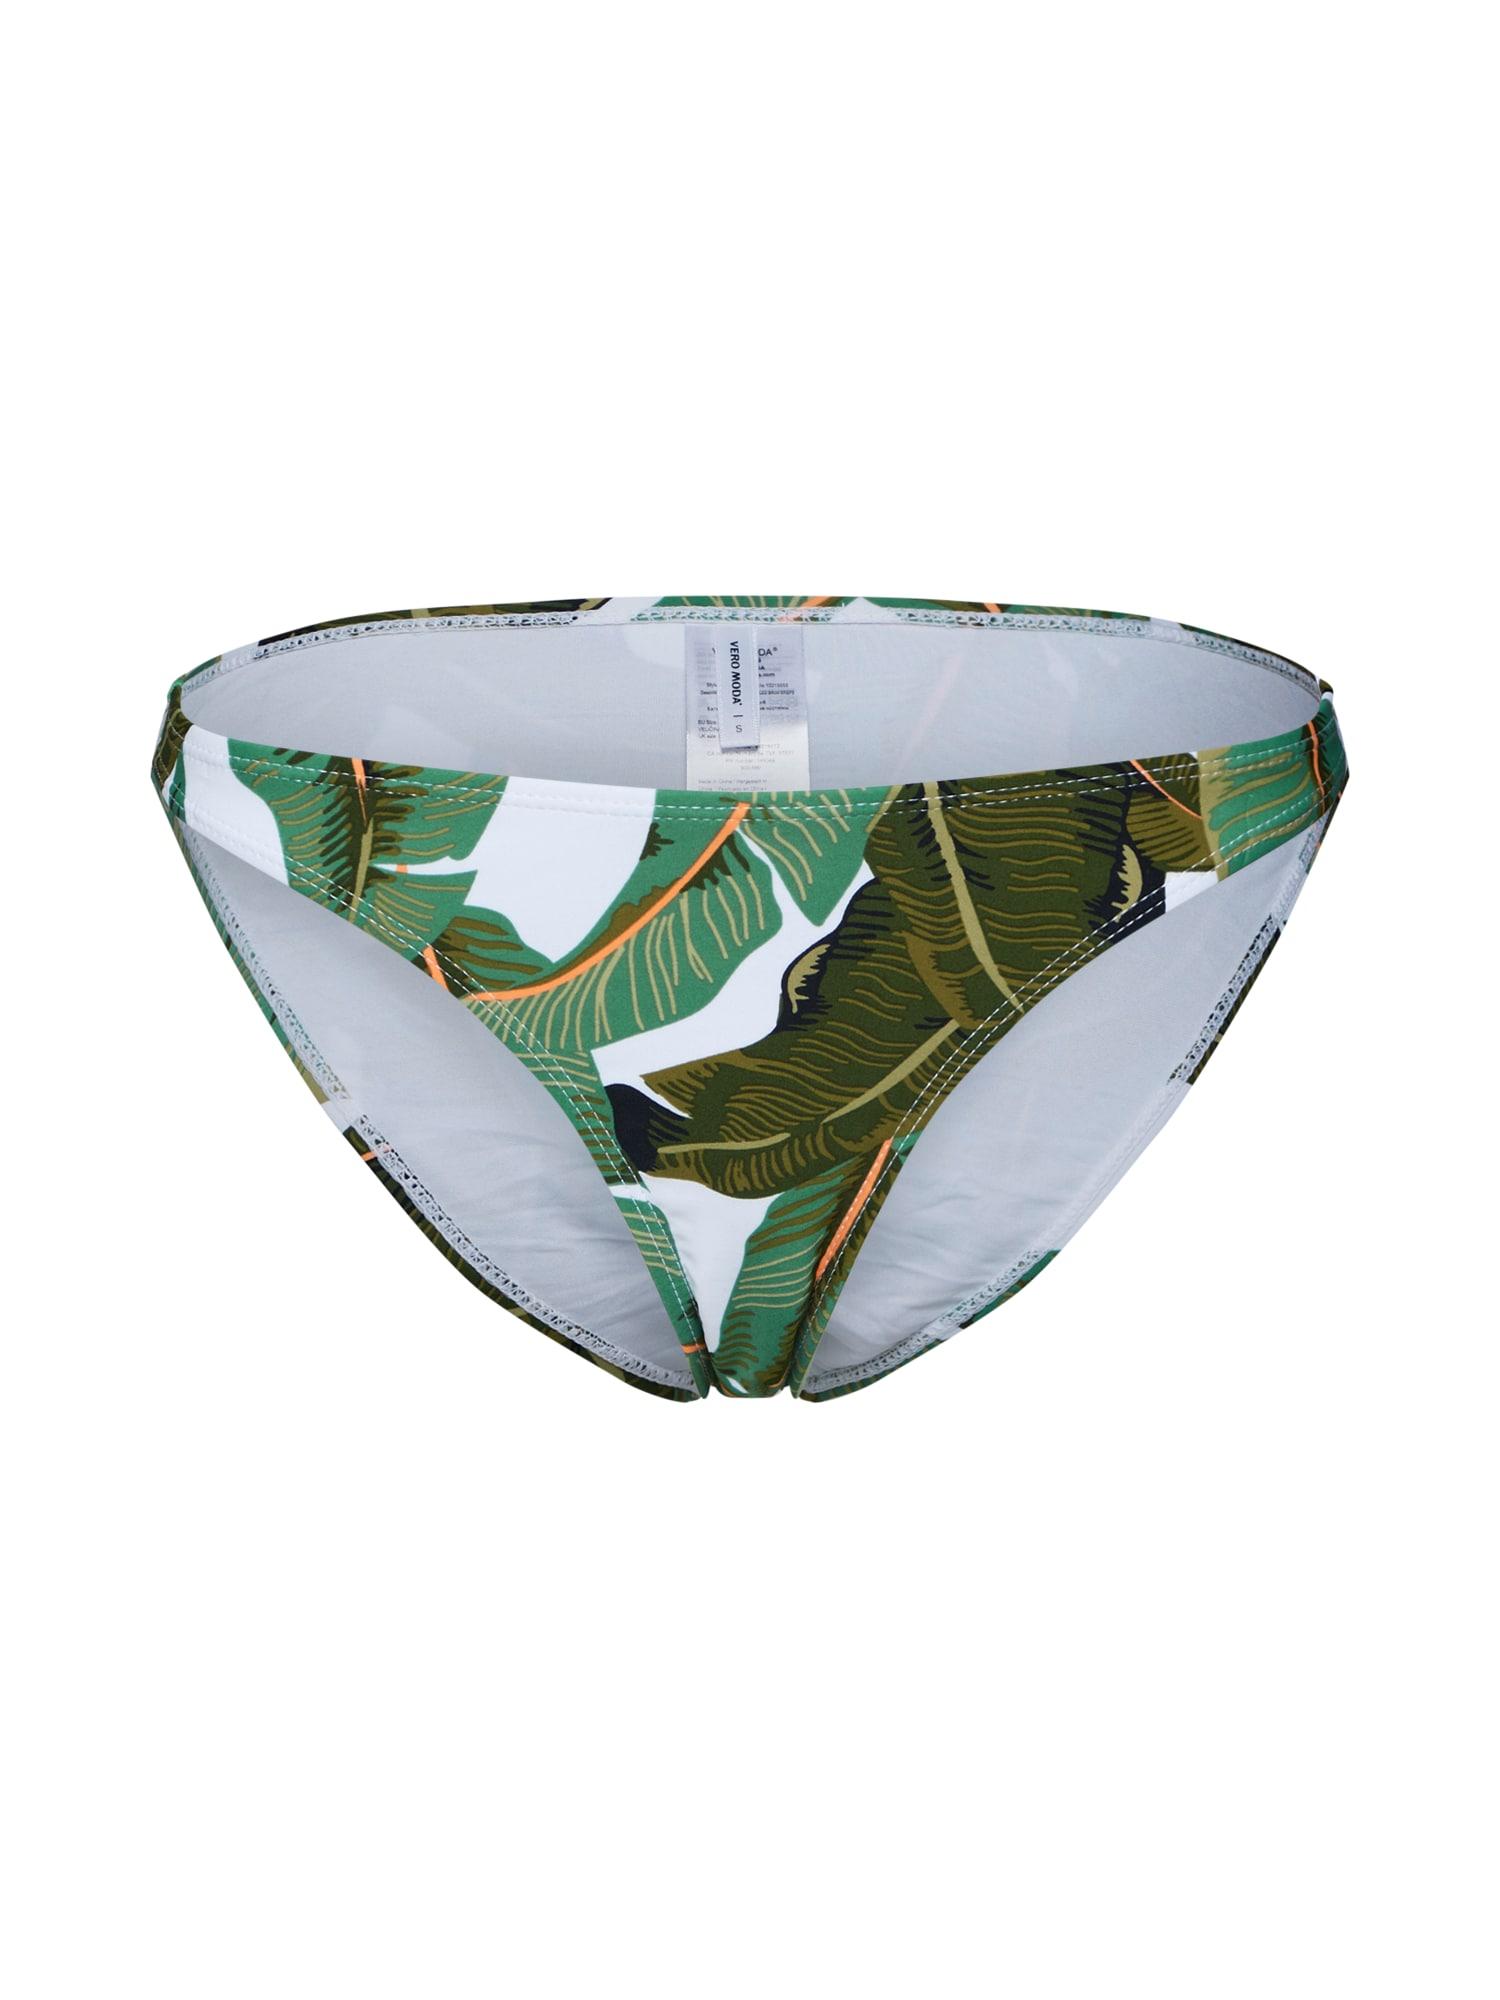 Spodní díl plavek NATURE zelená VERO MODA